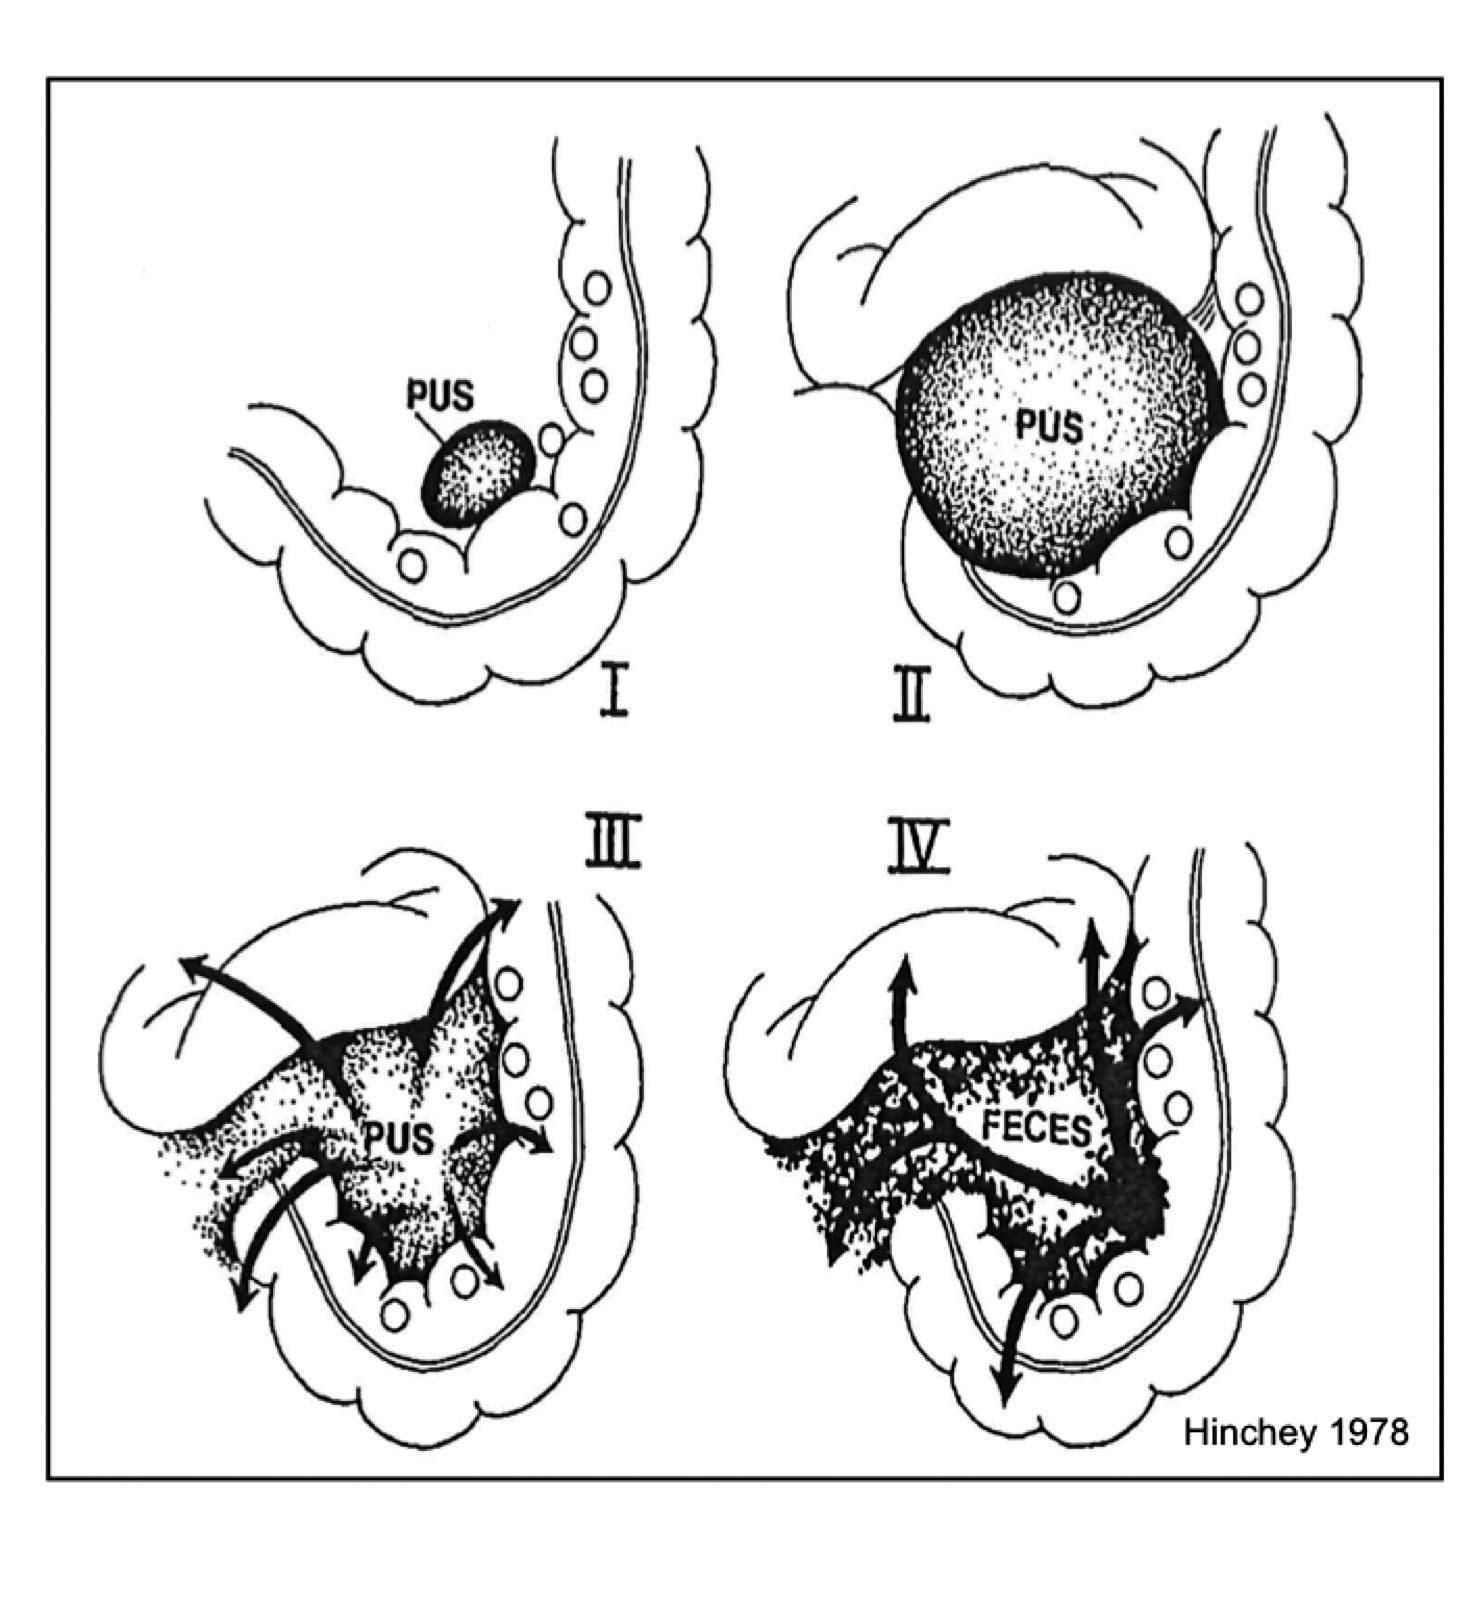 Figur 1. Hinchey klassifikasjon (10): I. Perikolisk abscess; II. Bekkenabscess; III. Purulent peritonitt; og IV. Fekal peritonitt (åpen kommunikasjon mellom tarm og bukhule)